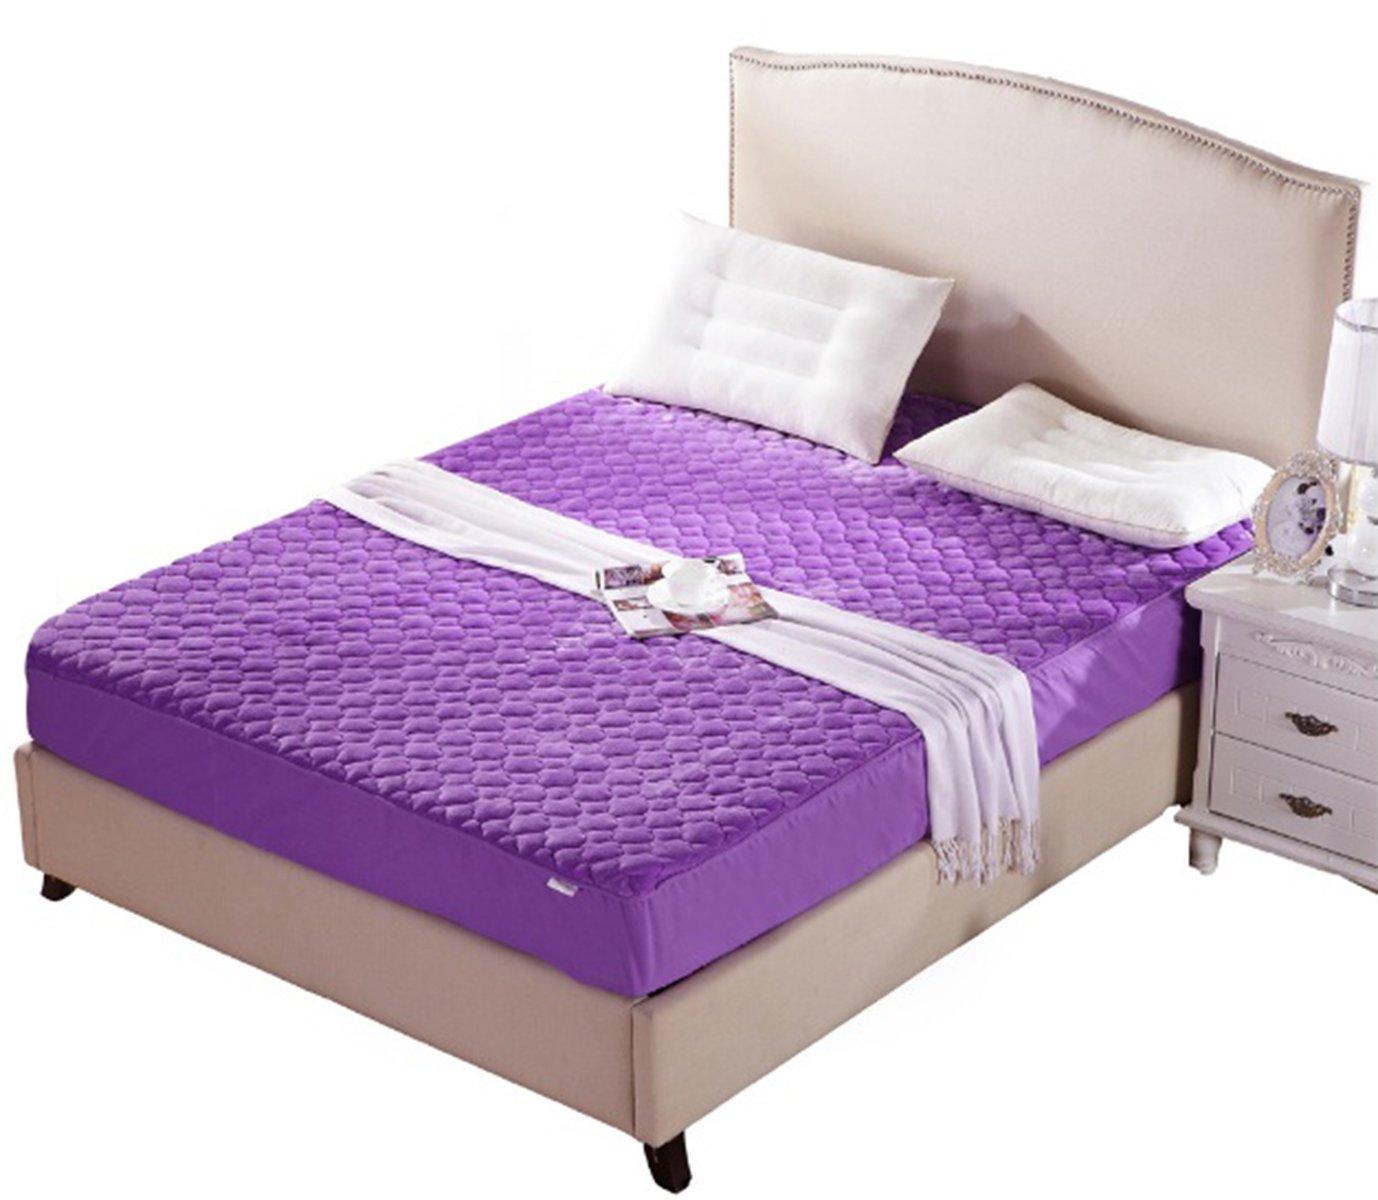 Alaska2You Contour 8 Inch Mattress Protector, Mattress Queen, Purple